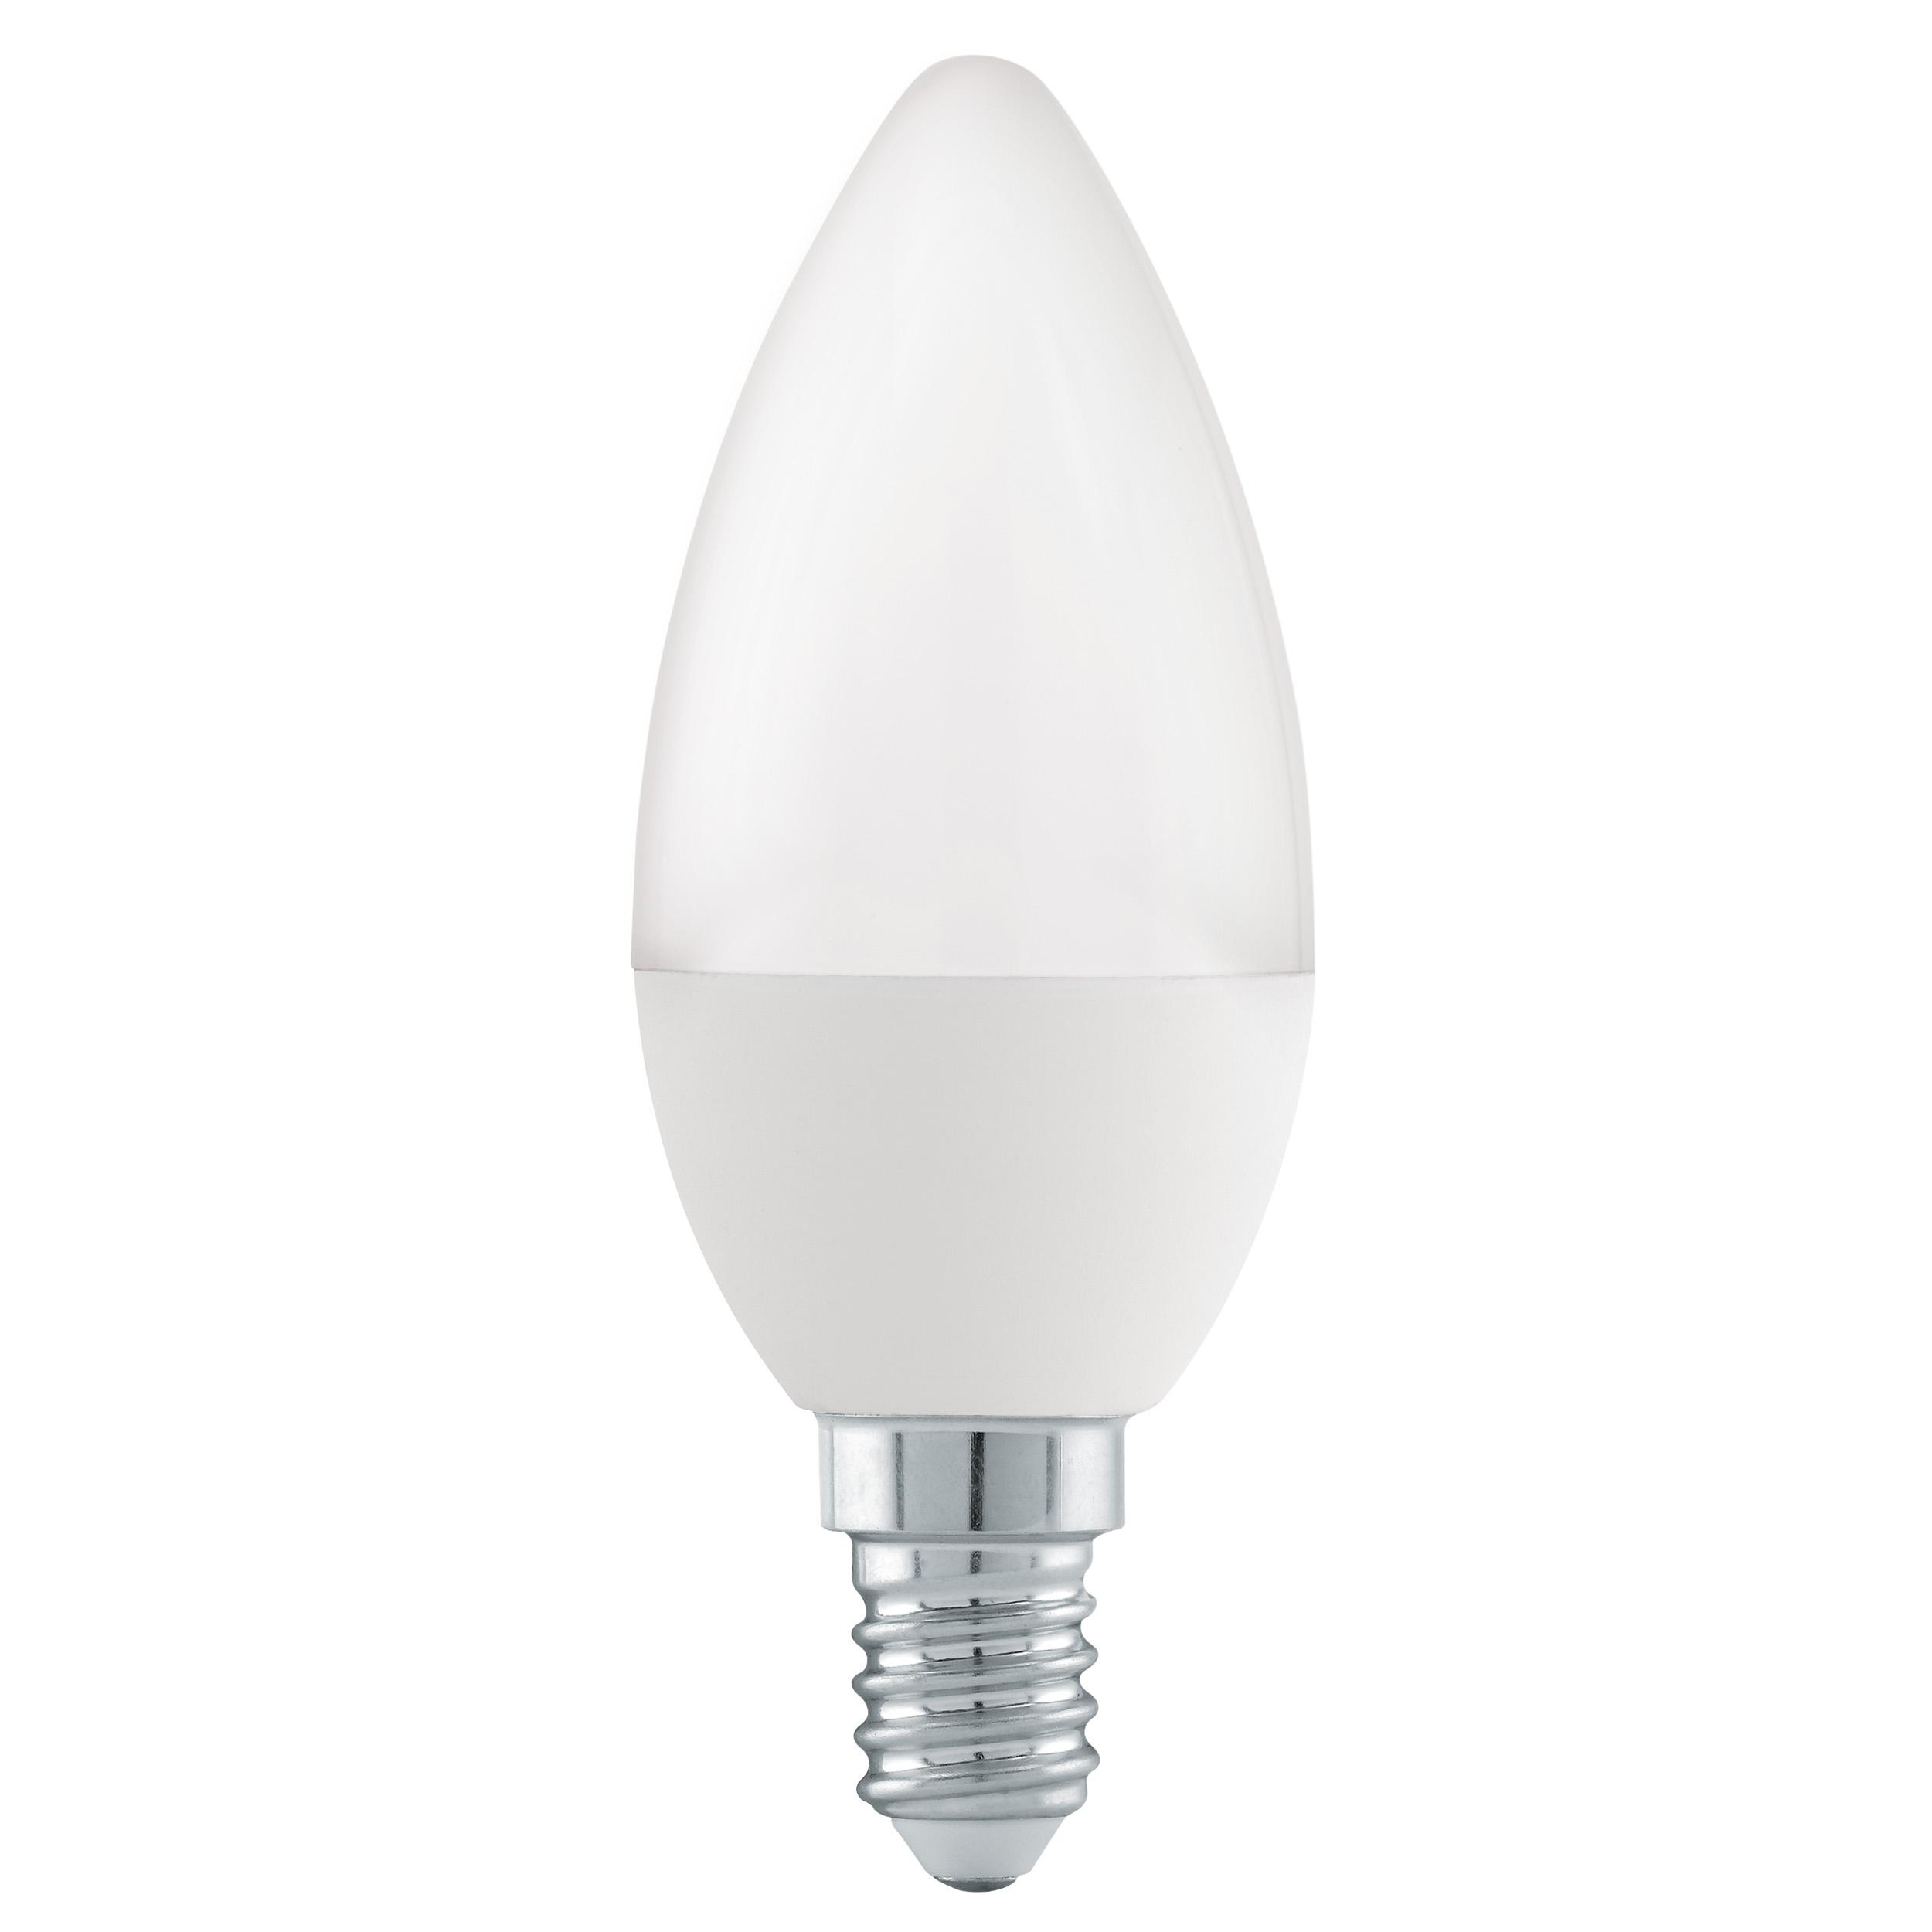 1 Stk E14-LED-C37 6W / Kerze 3000  LI69178---